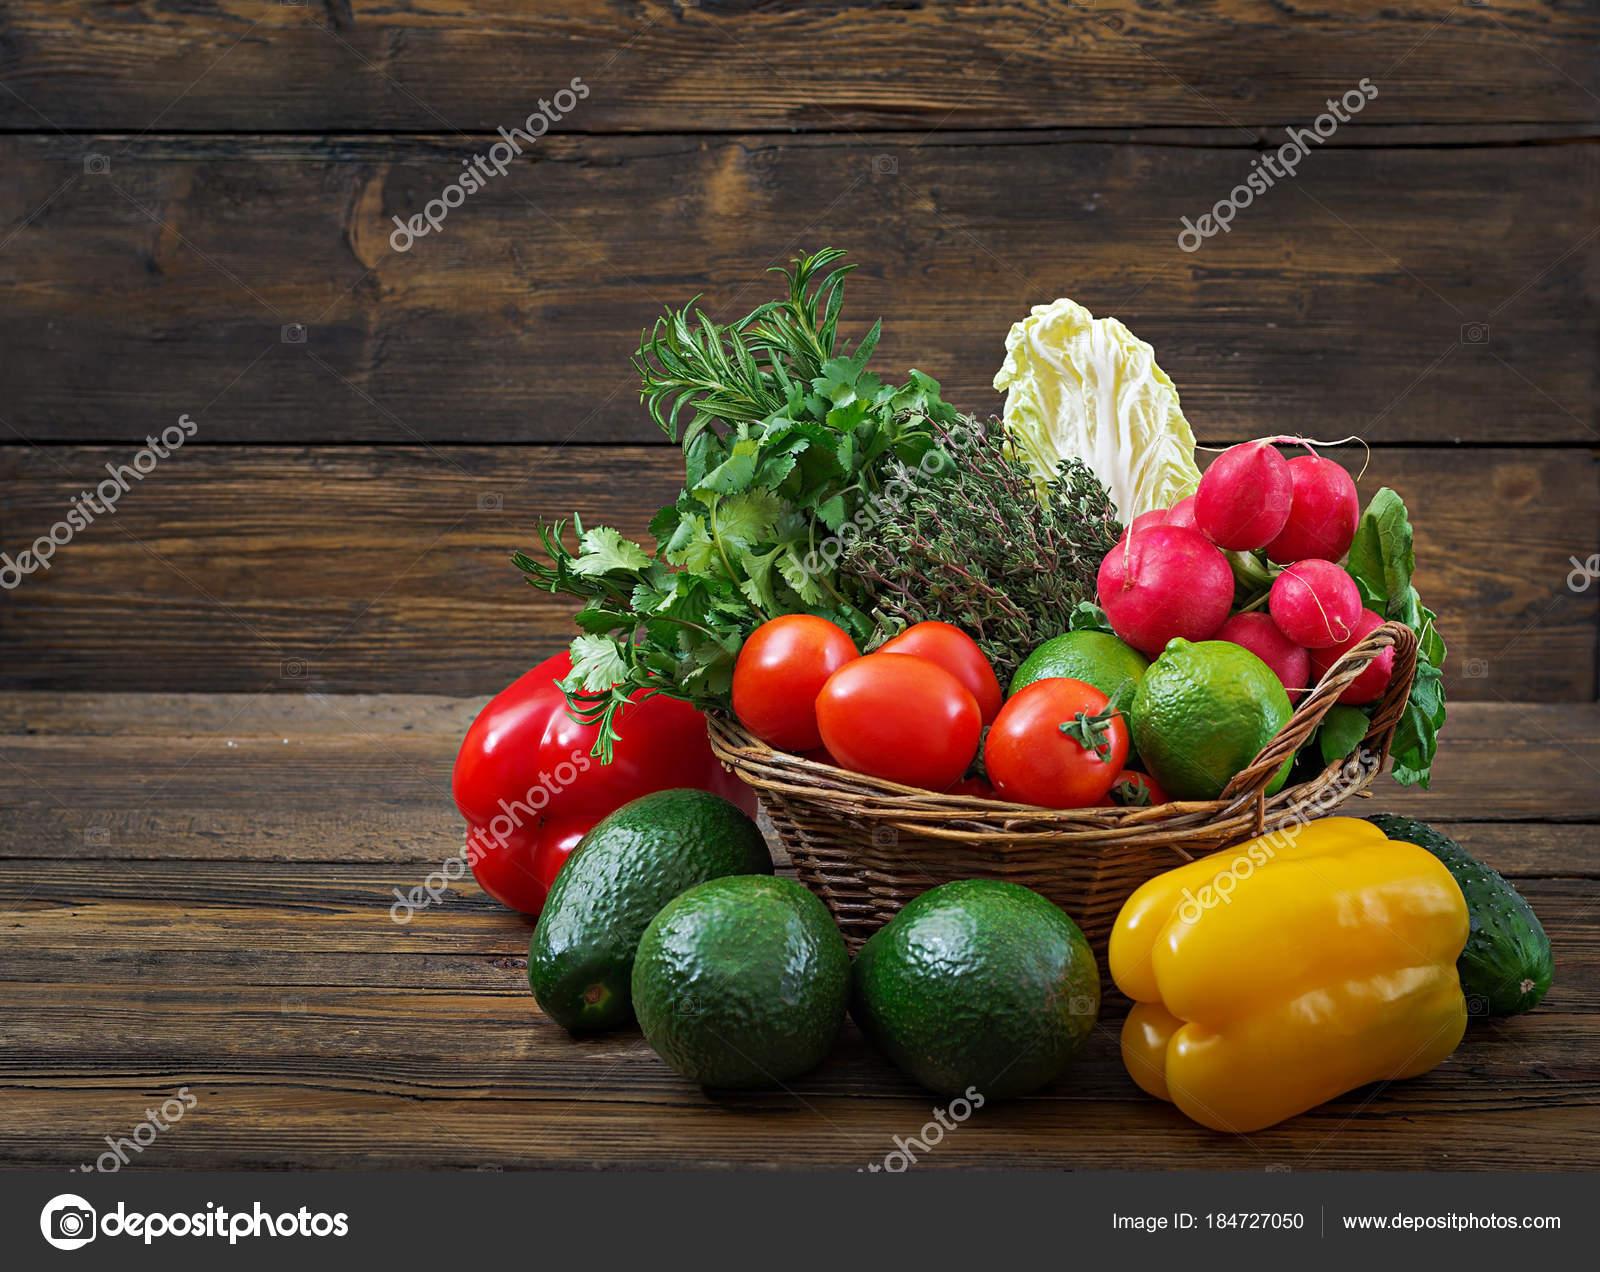 Сырые органические овощи детокс диета концепция здорового питания.